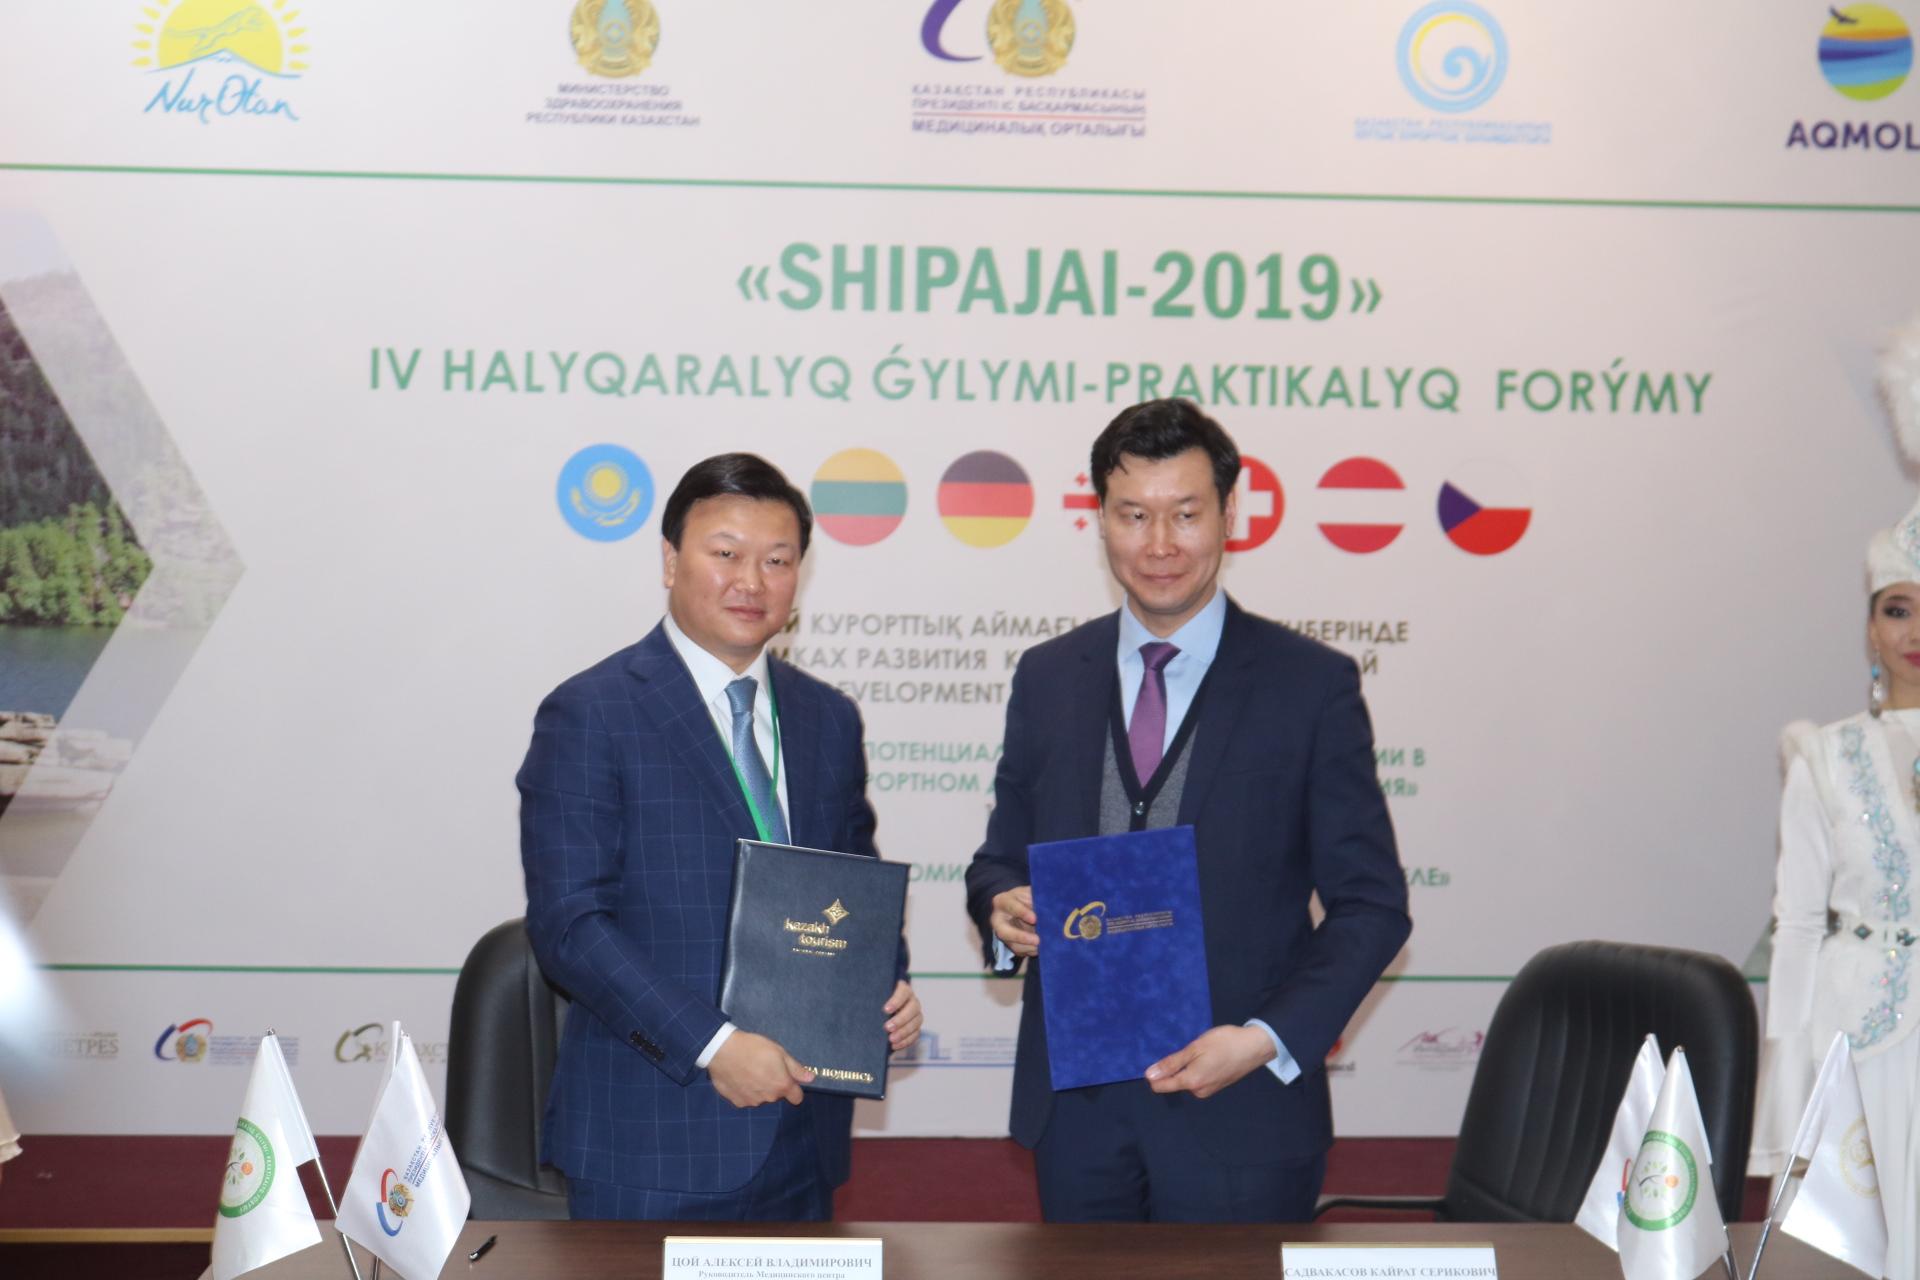 Kazakh Tourism и Медцентр УДП РК будут совместно развивать отечественный медицинский туризм